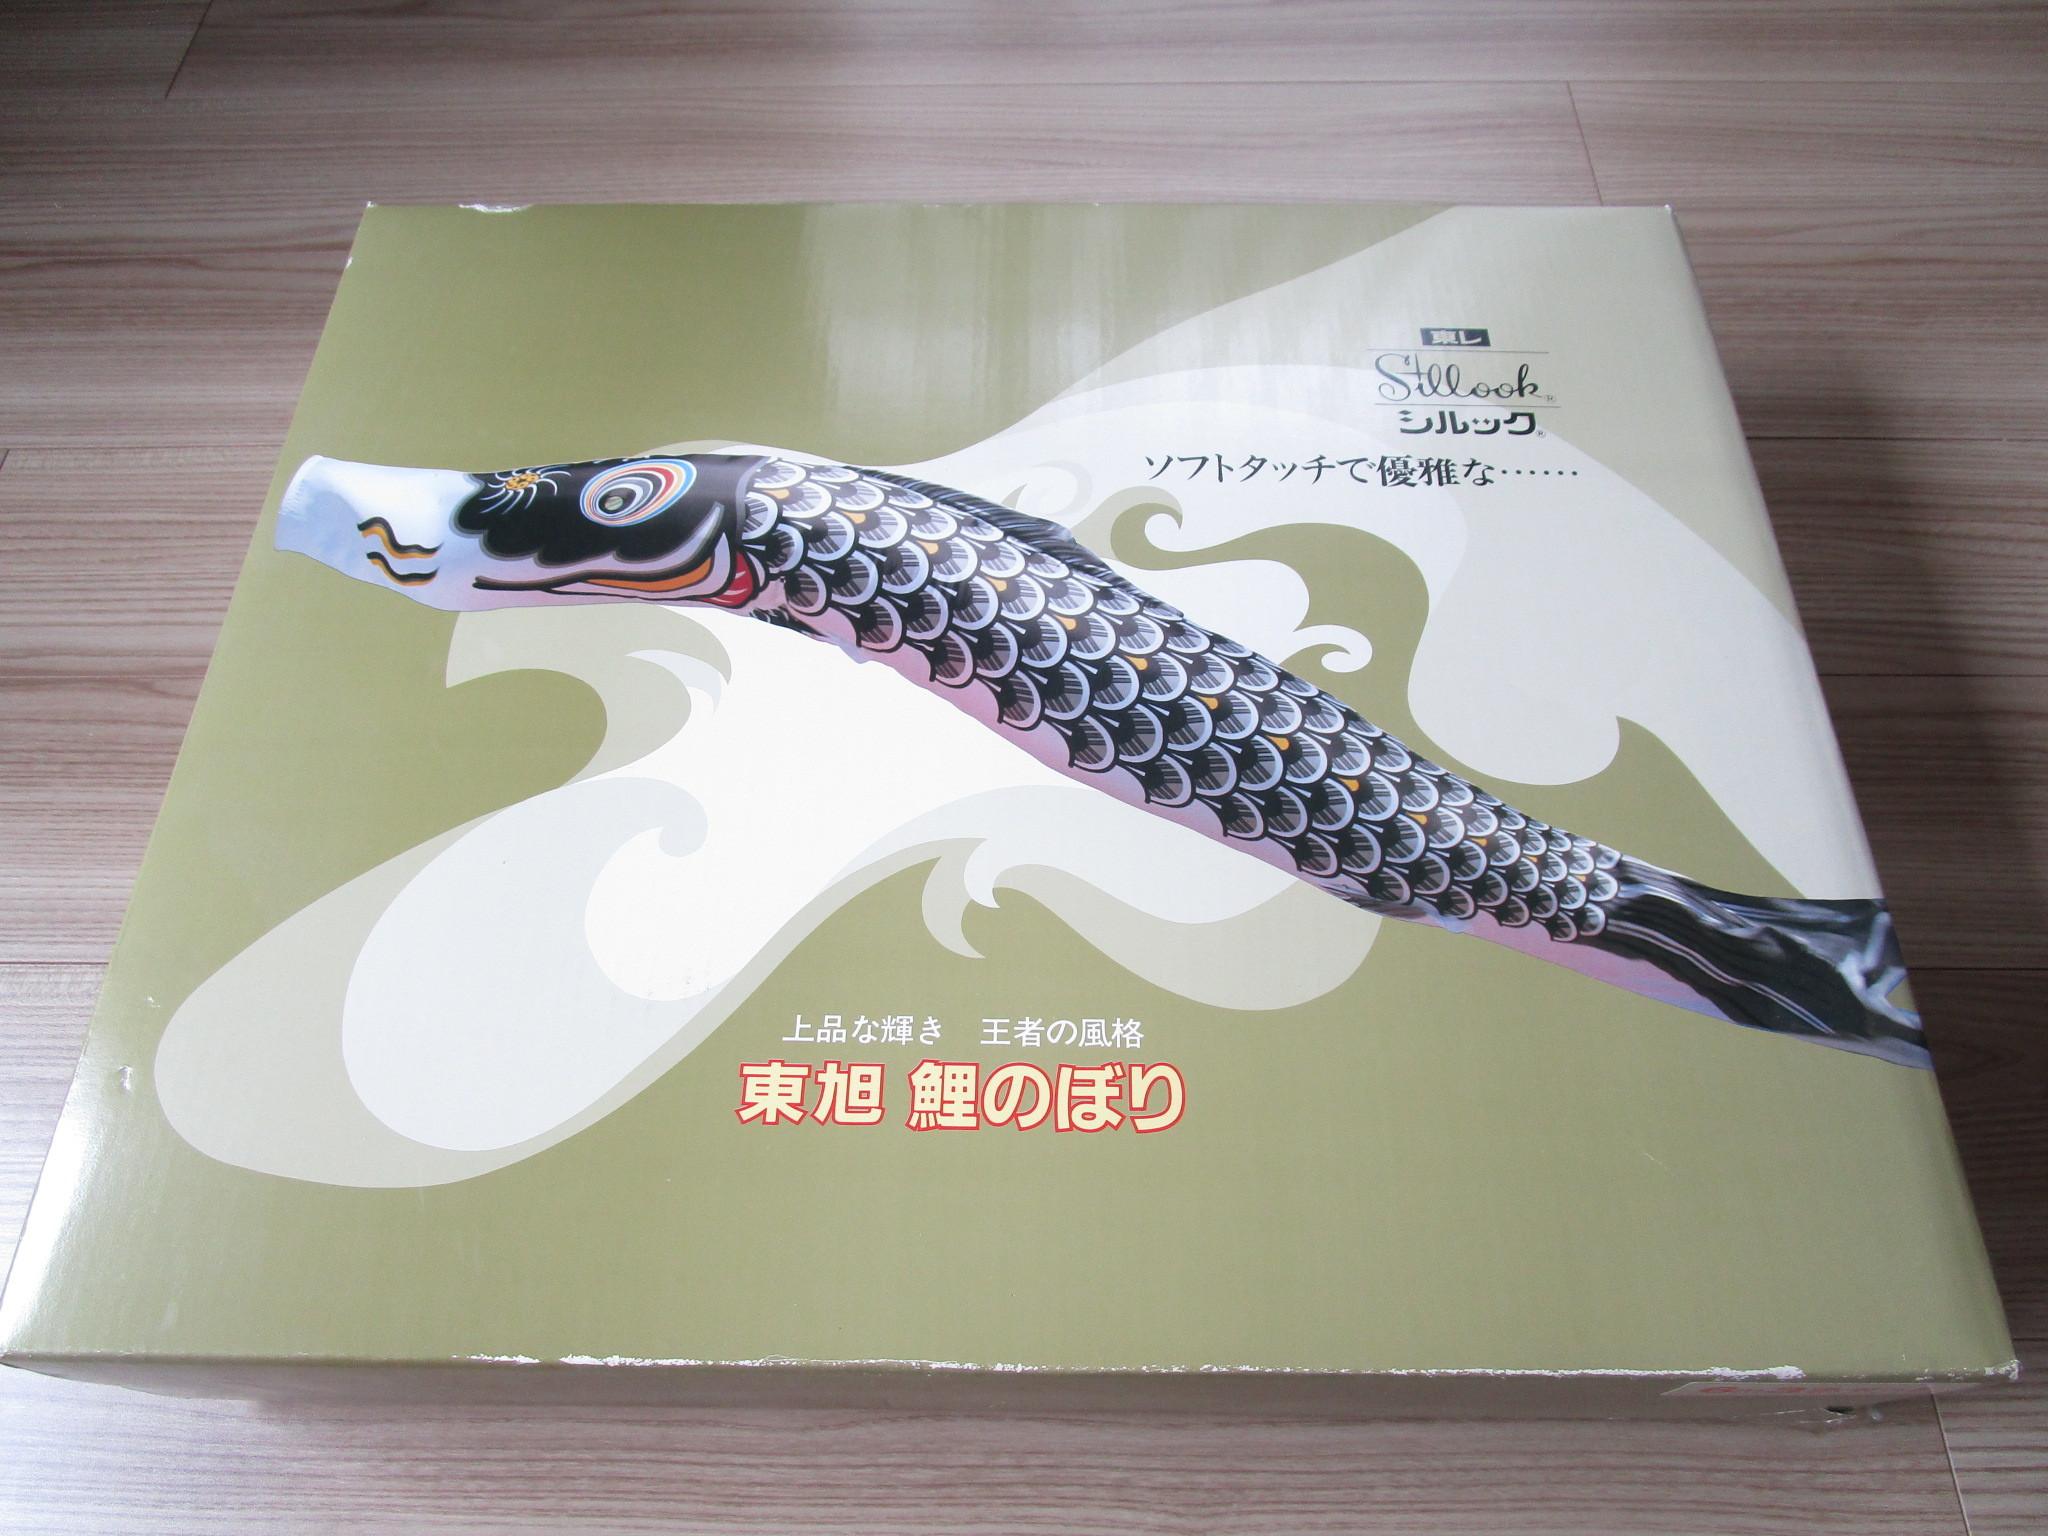 鯉のぼりを寄付 (6)